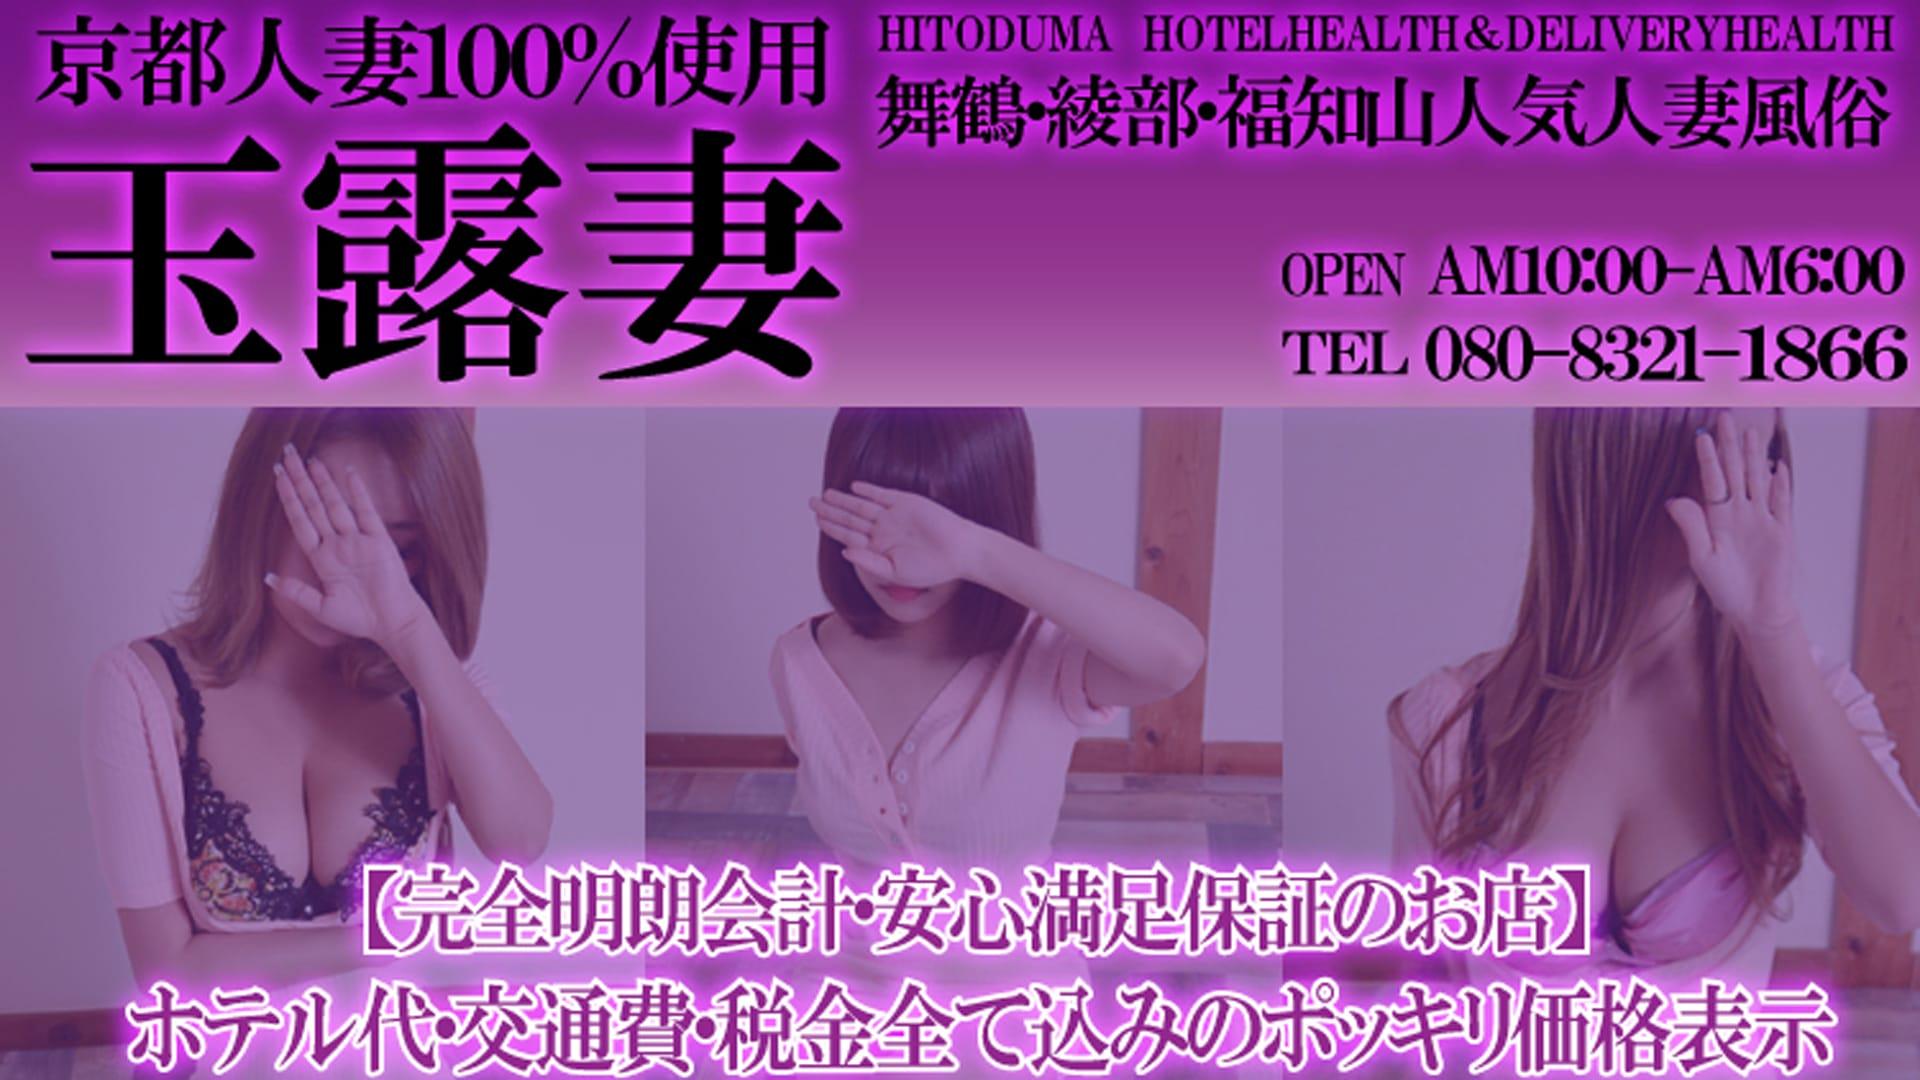 京都人妻100%使用 玉露妻